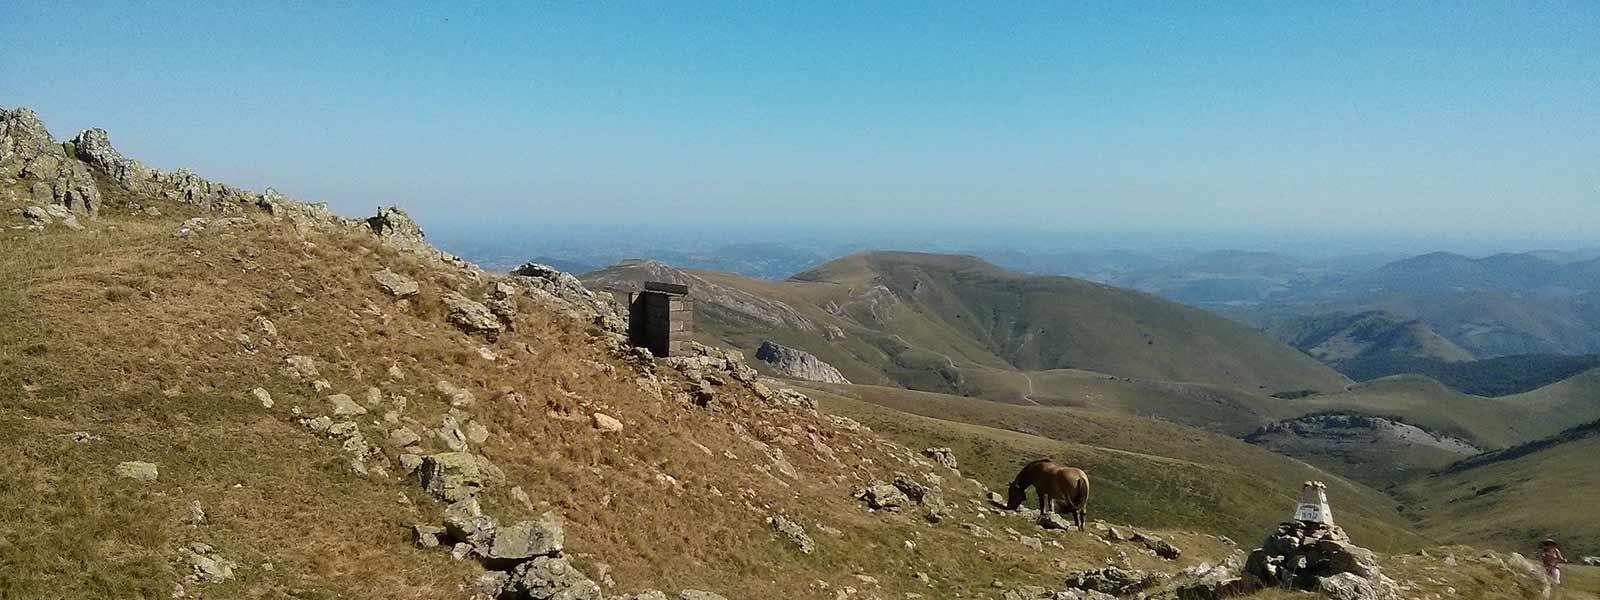 interieur du pays basque